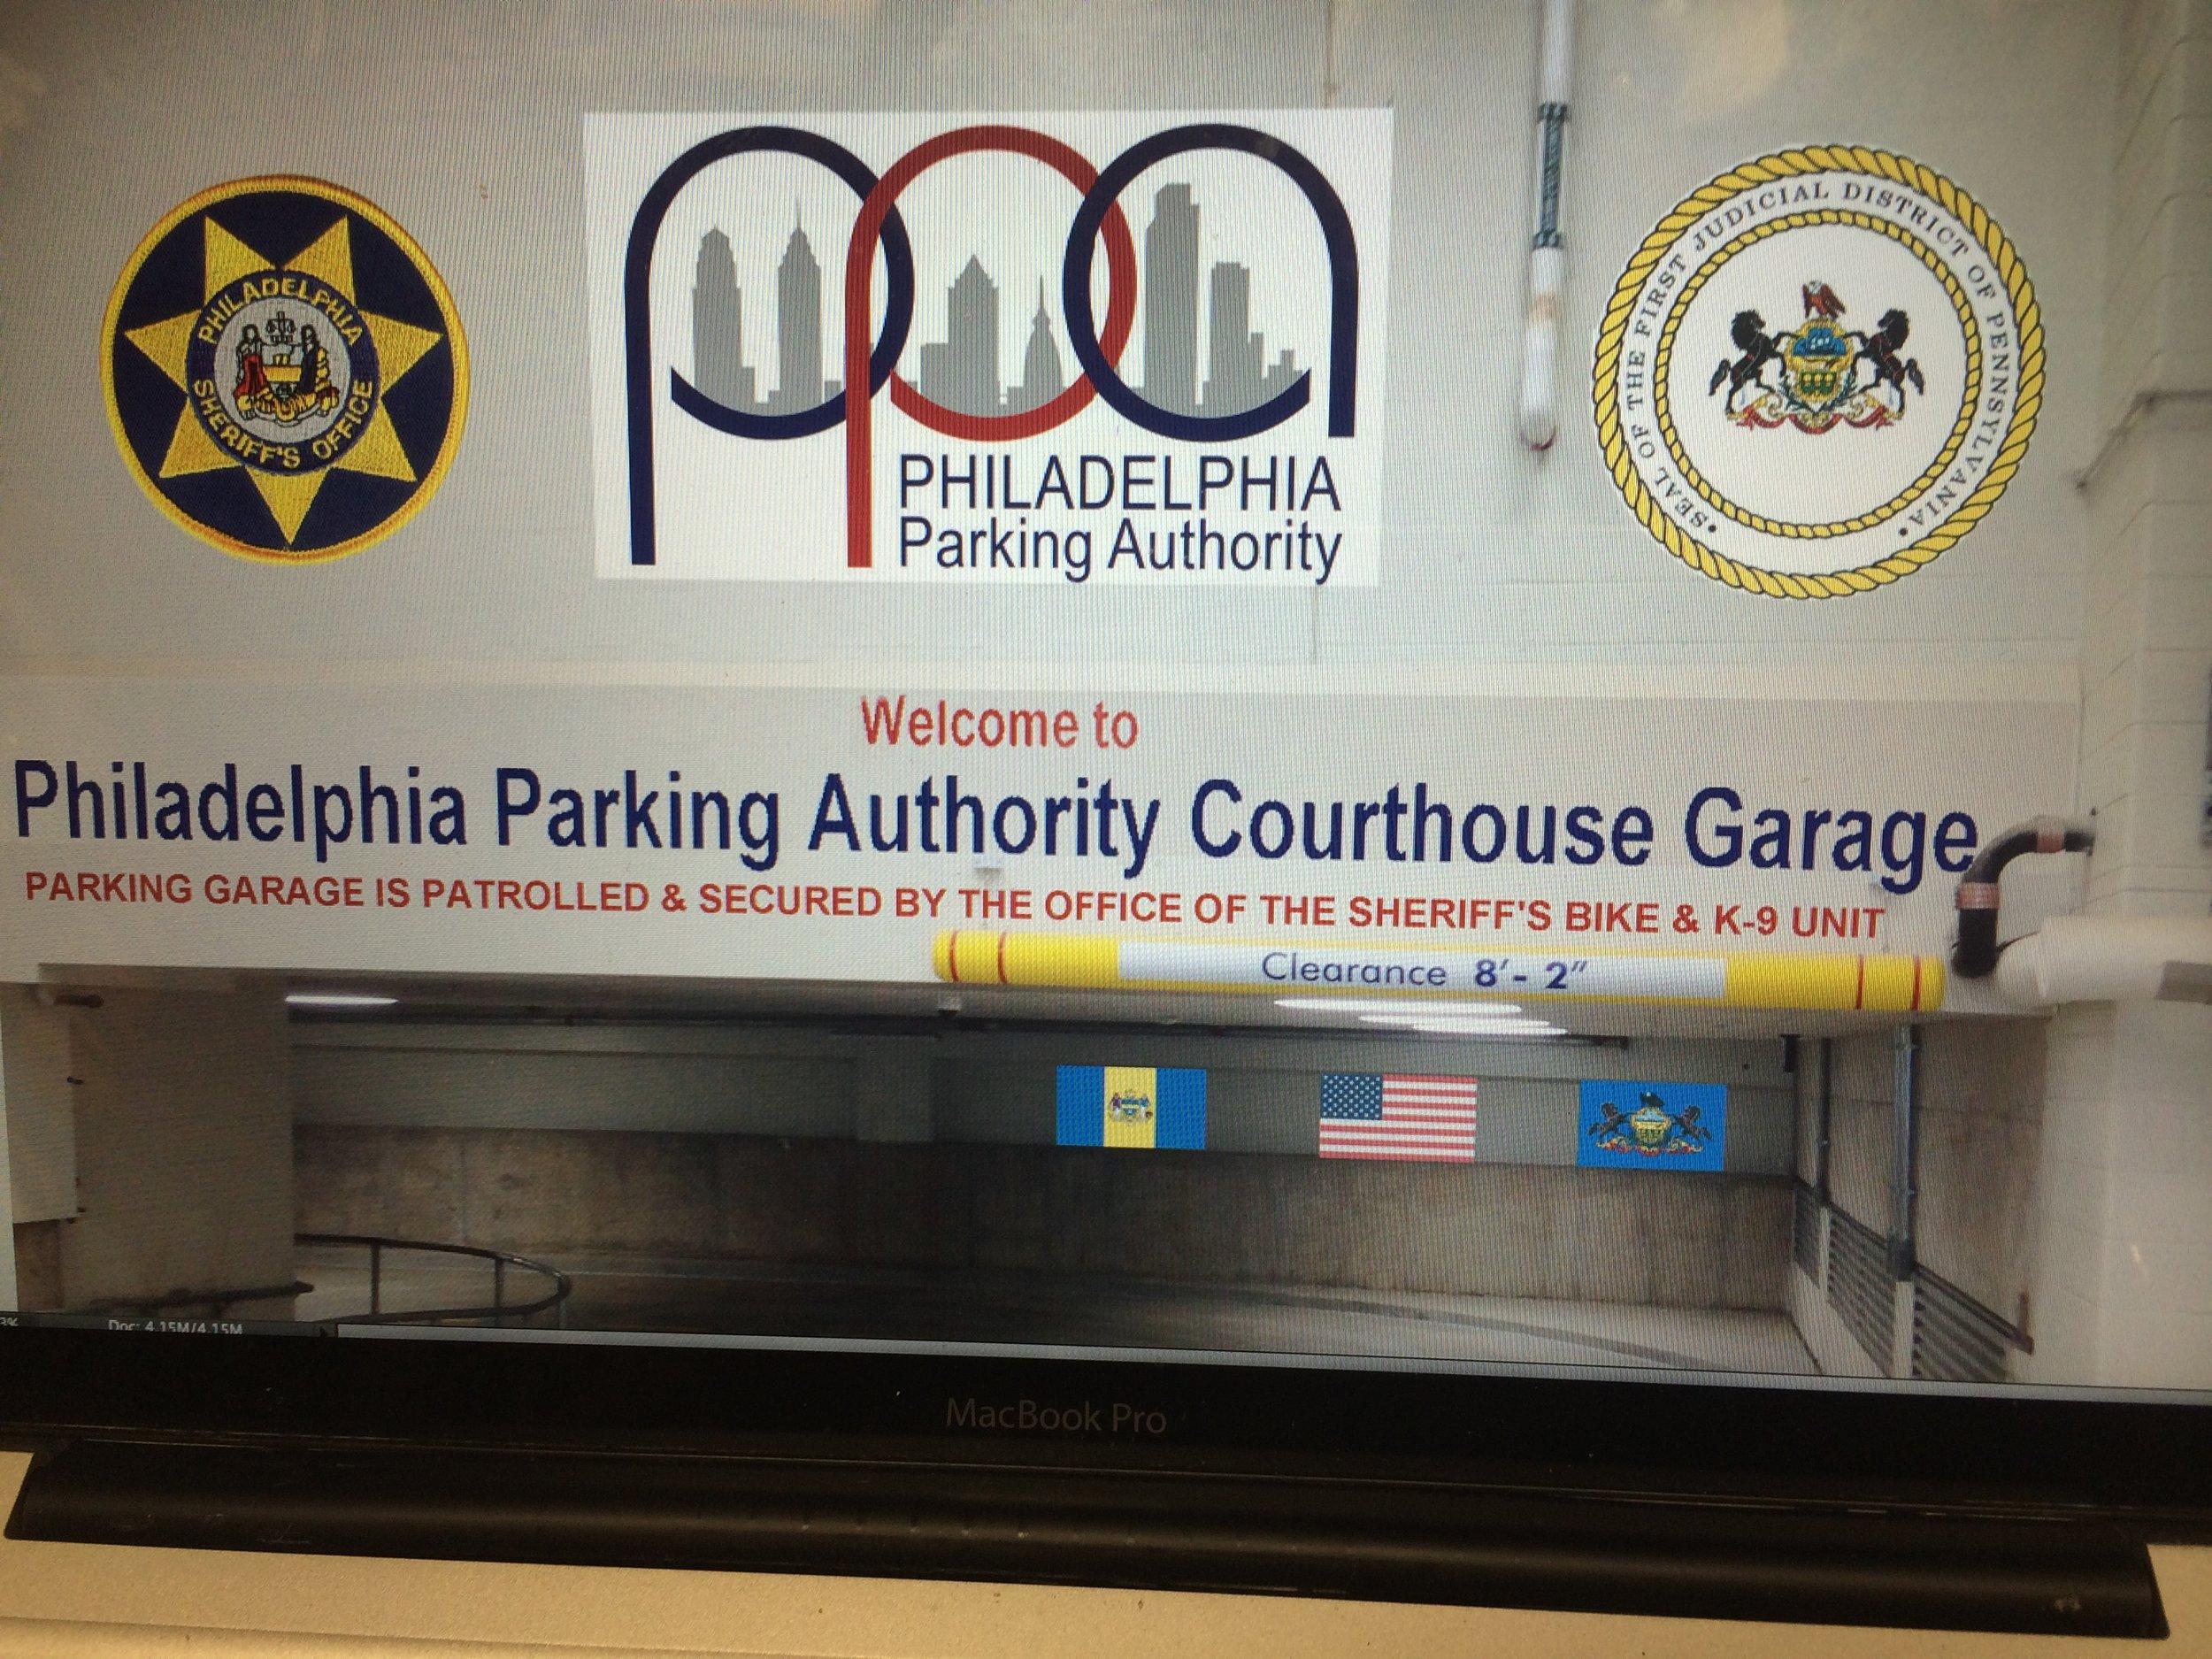 Philadelphia Parking Authority Family Courthouse 1503-11 Arch Street Philadelphia, PA